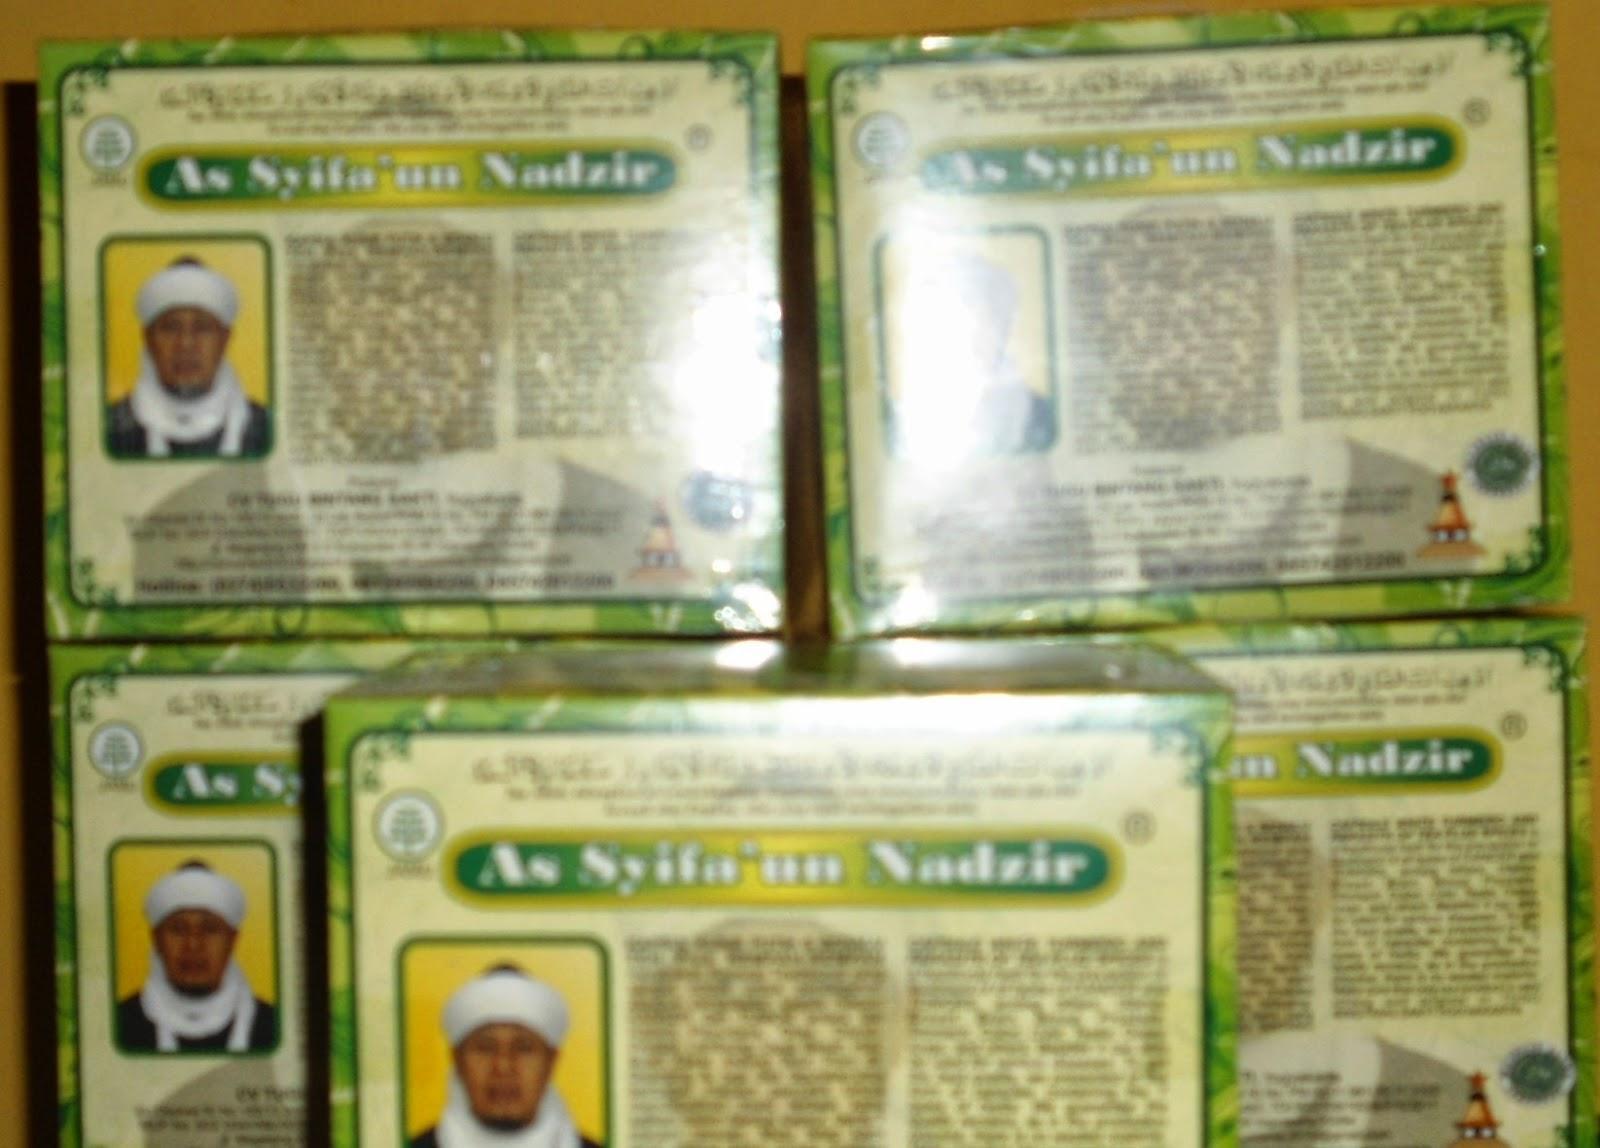 Lowongan Kerja Klinik Herbal As Syifaun Nadzir (Produksi, Administrasi) – Yogyakarta